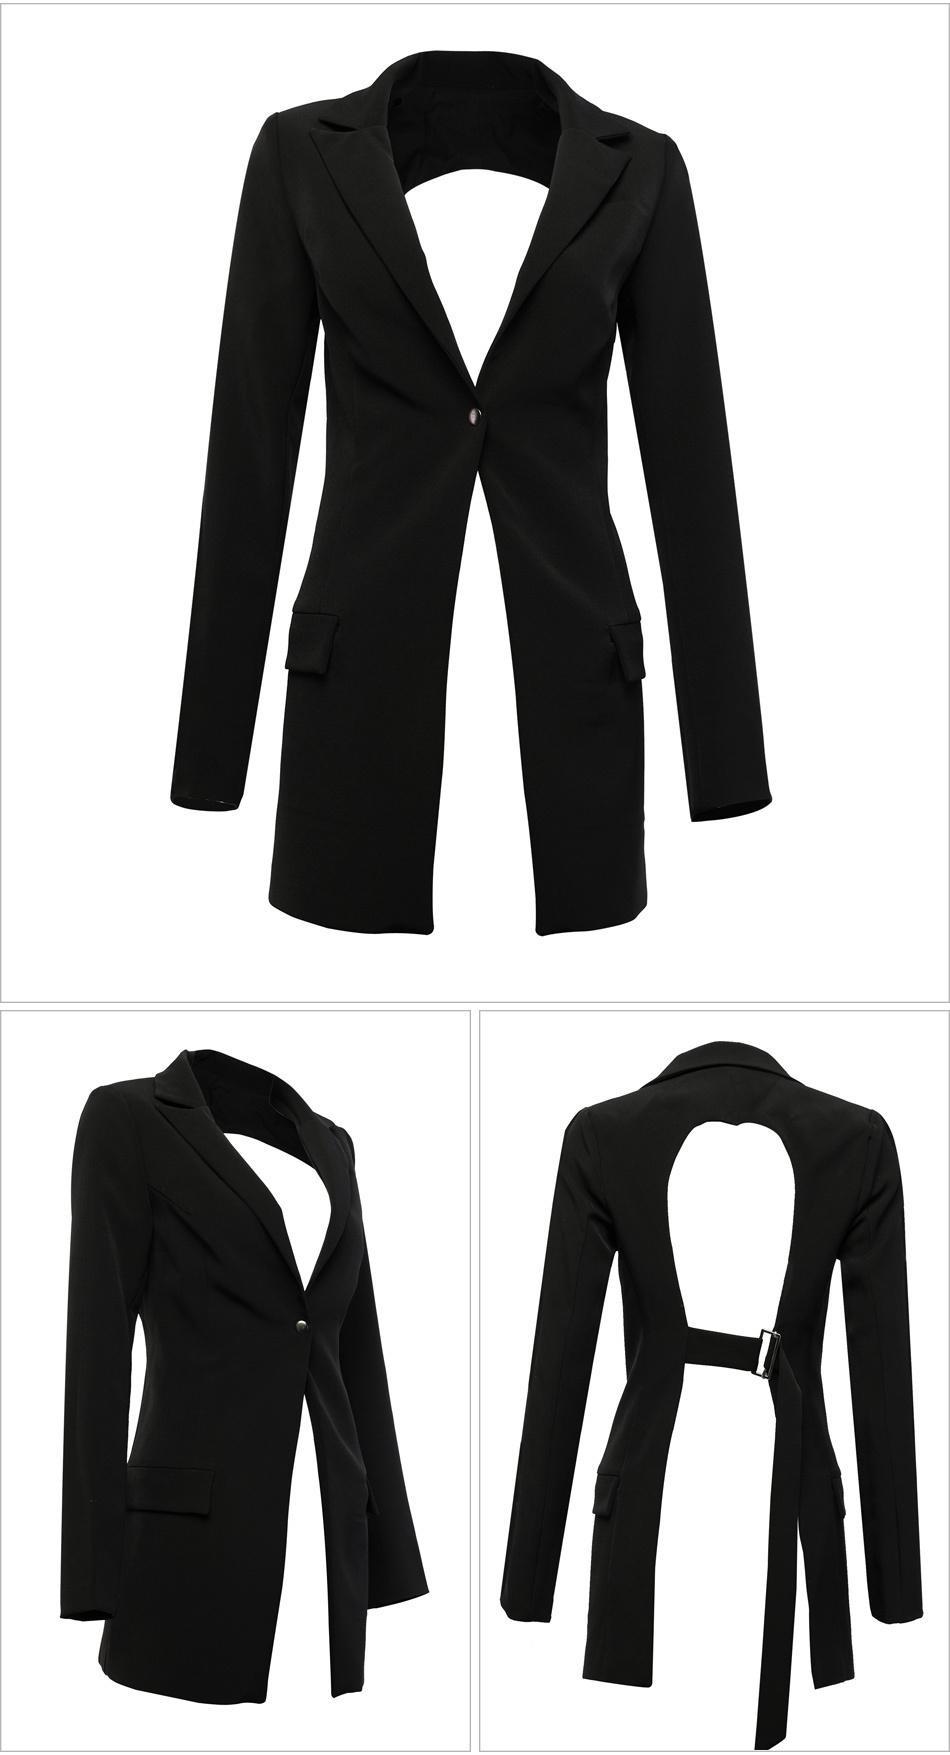 3p-jacket